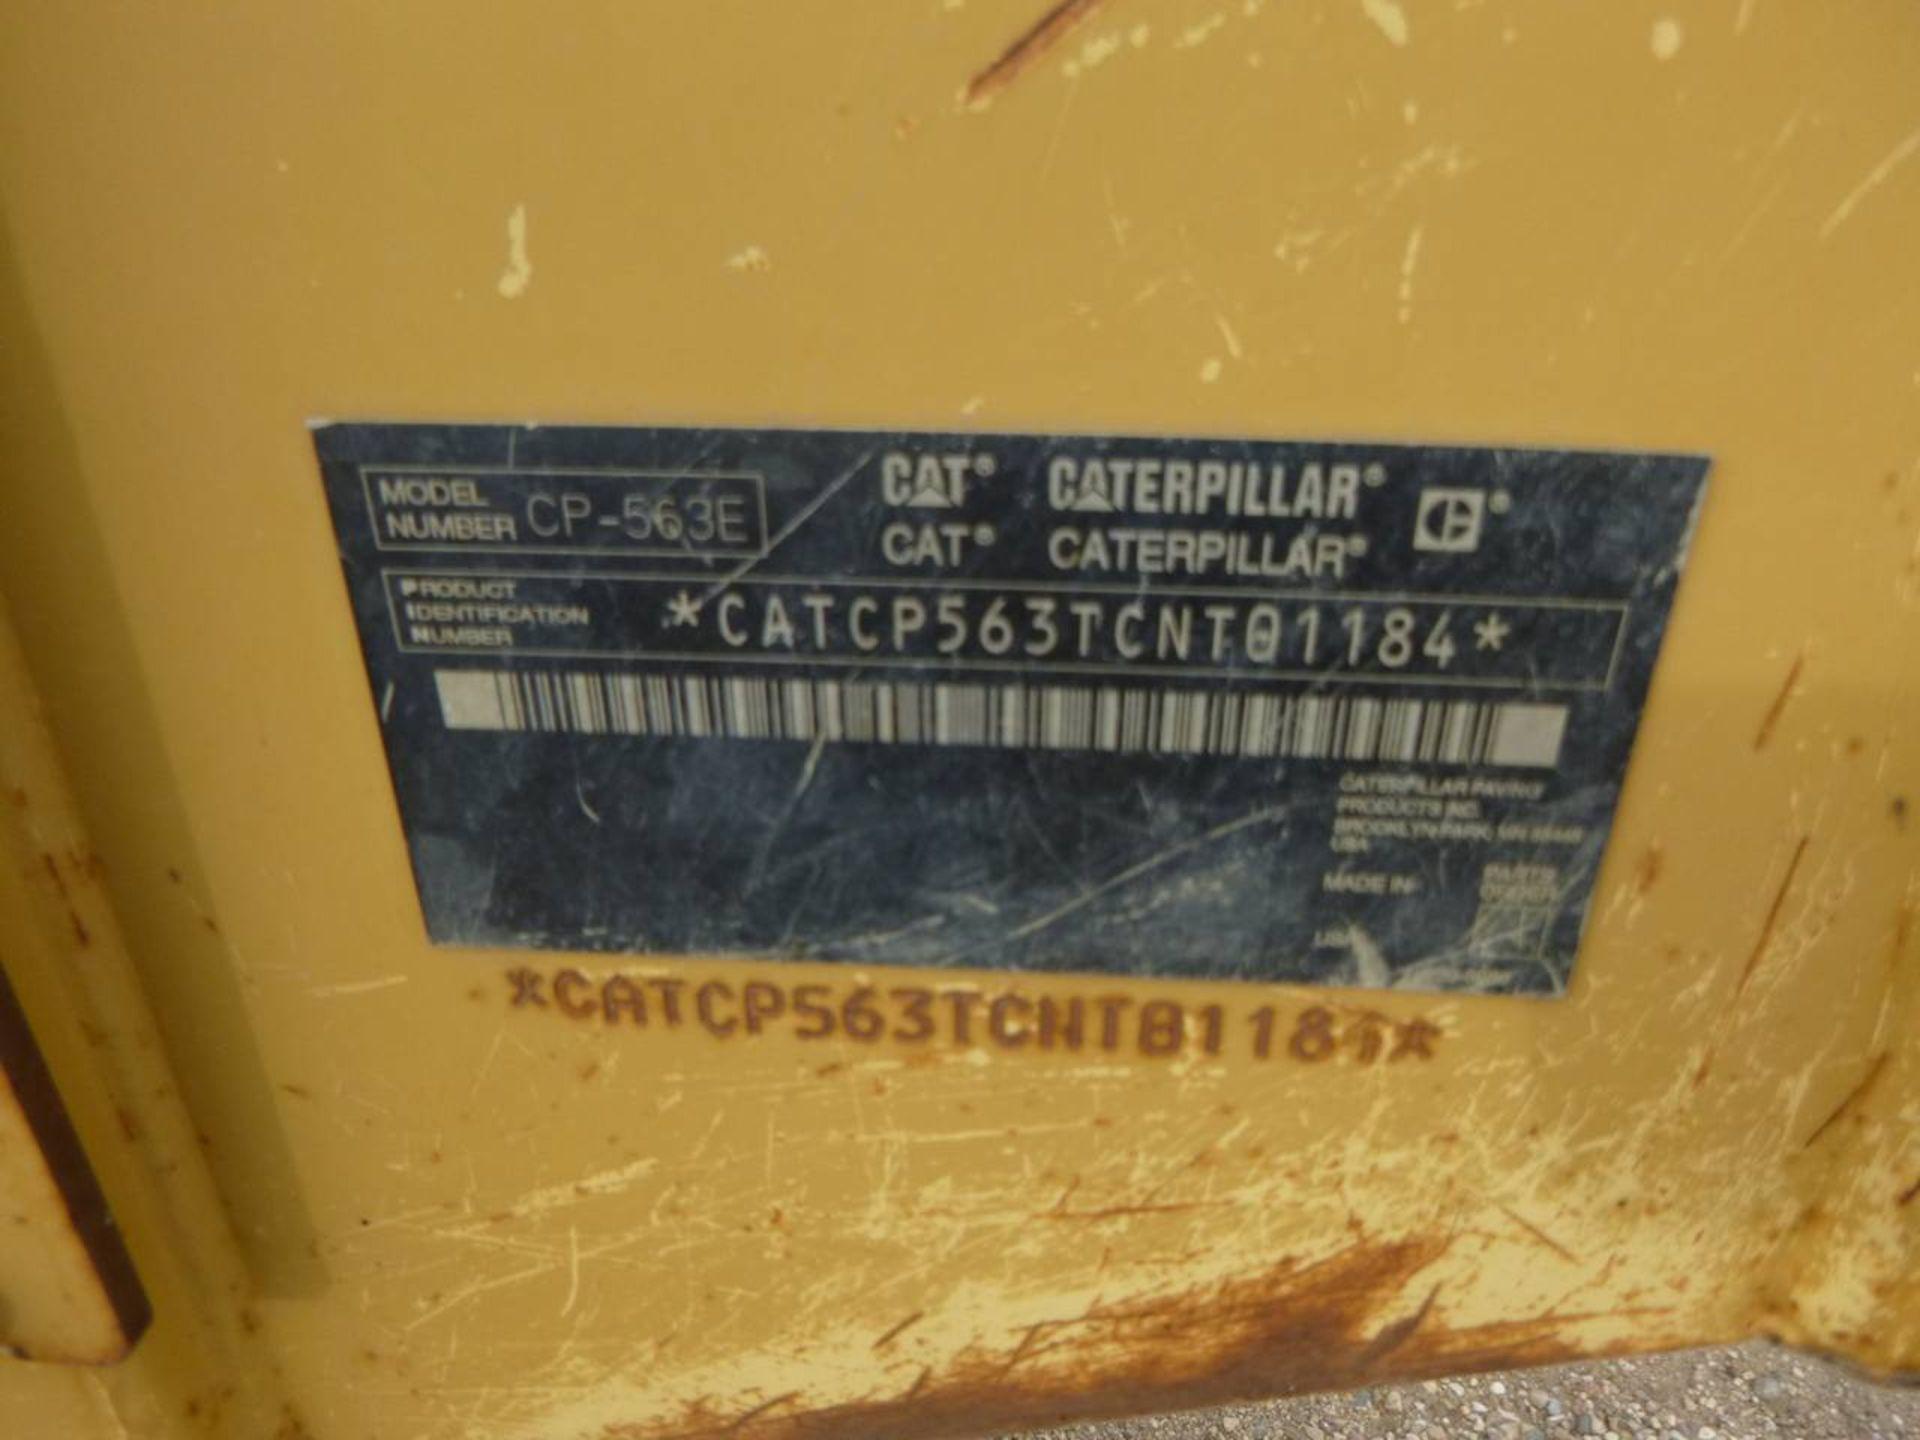 2006 Caterpillar CP-563E Compactor - Image 9 of 9